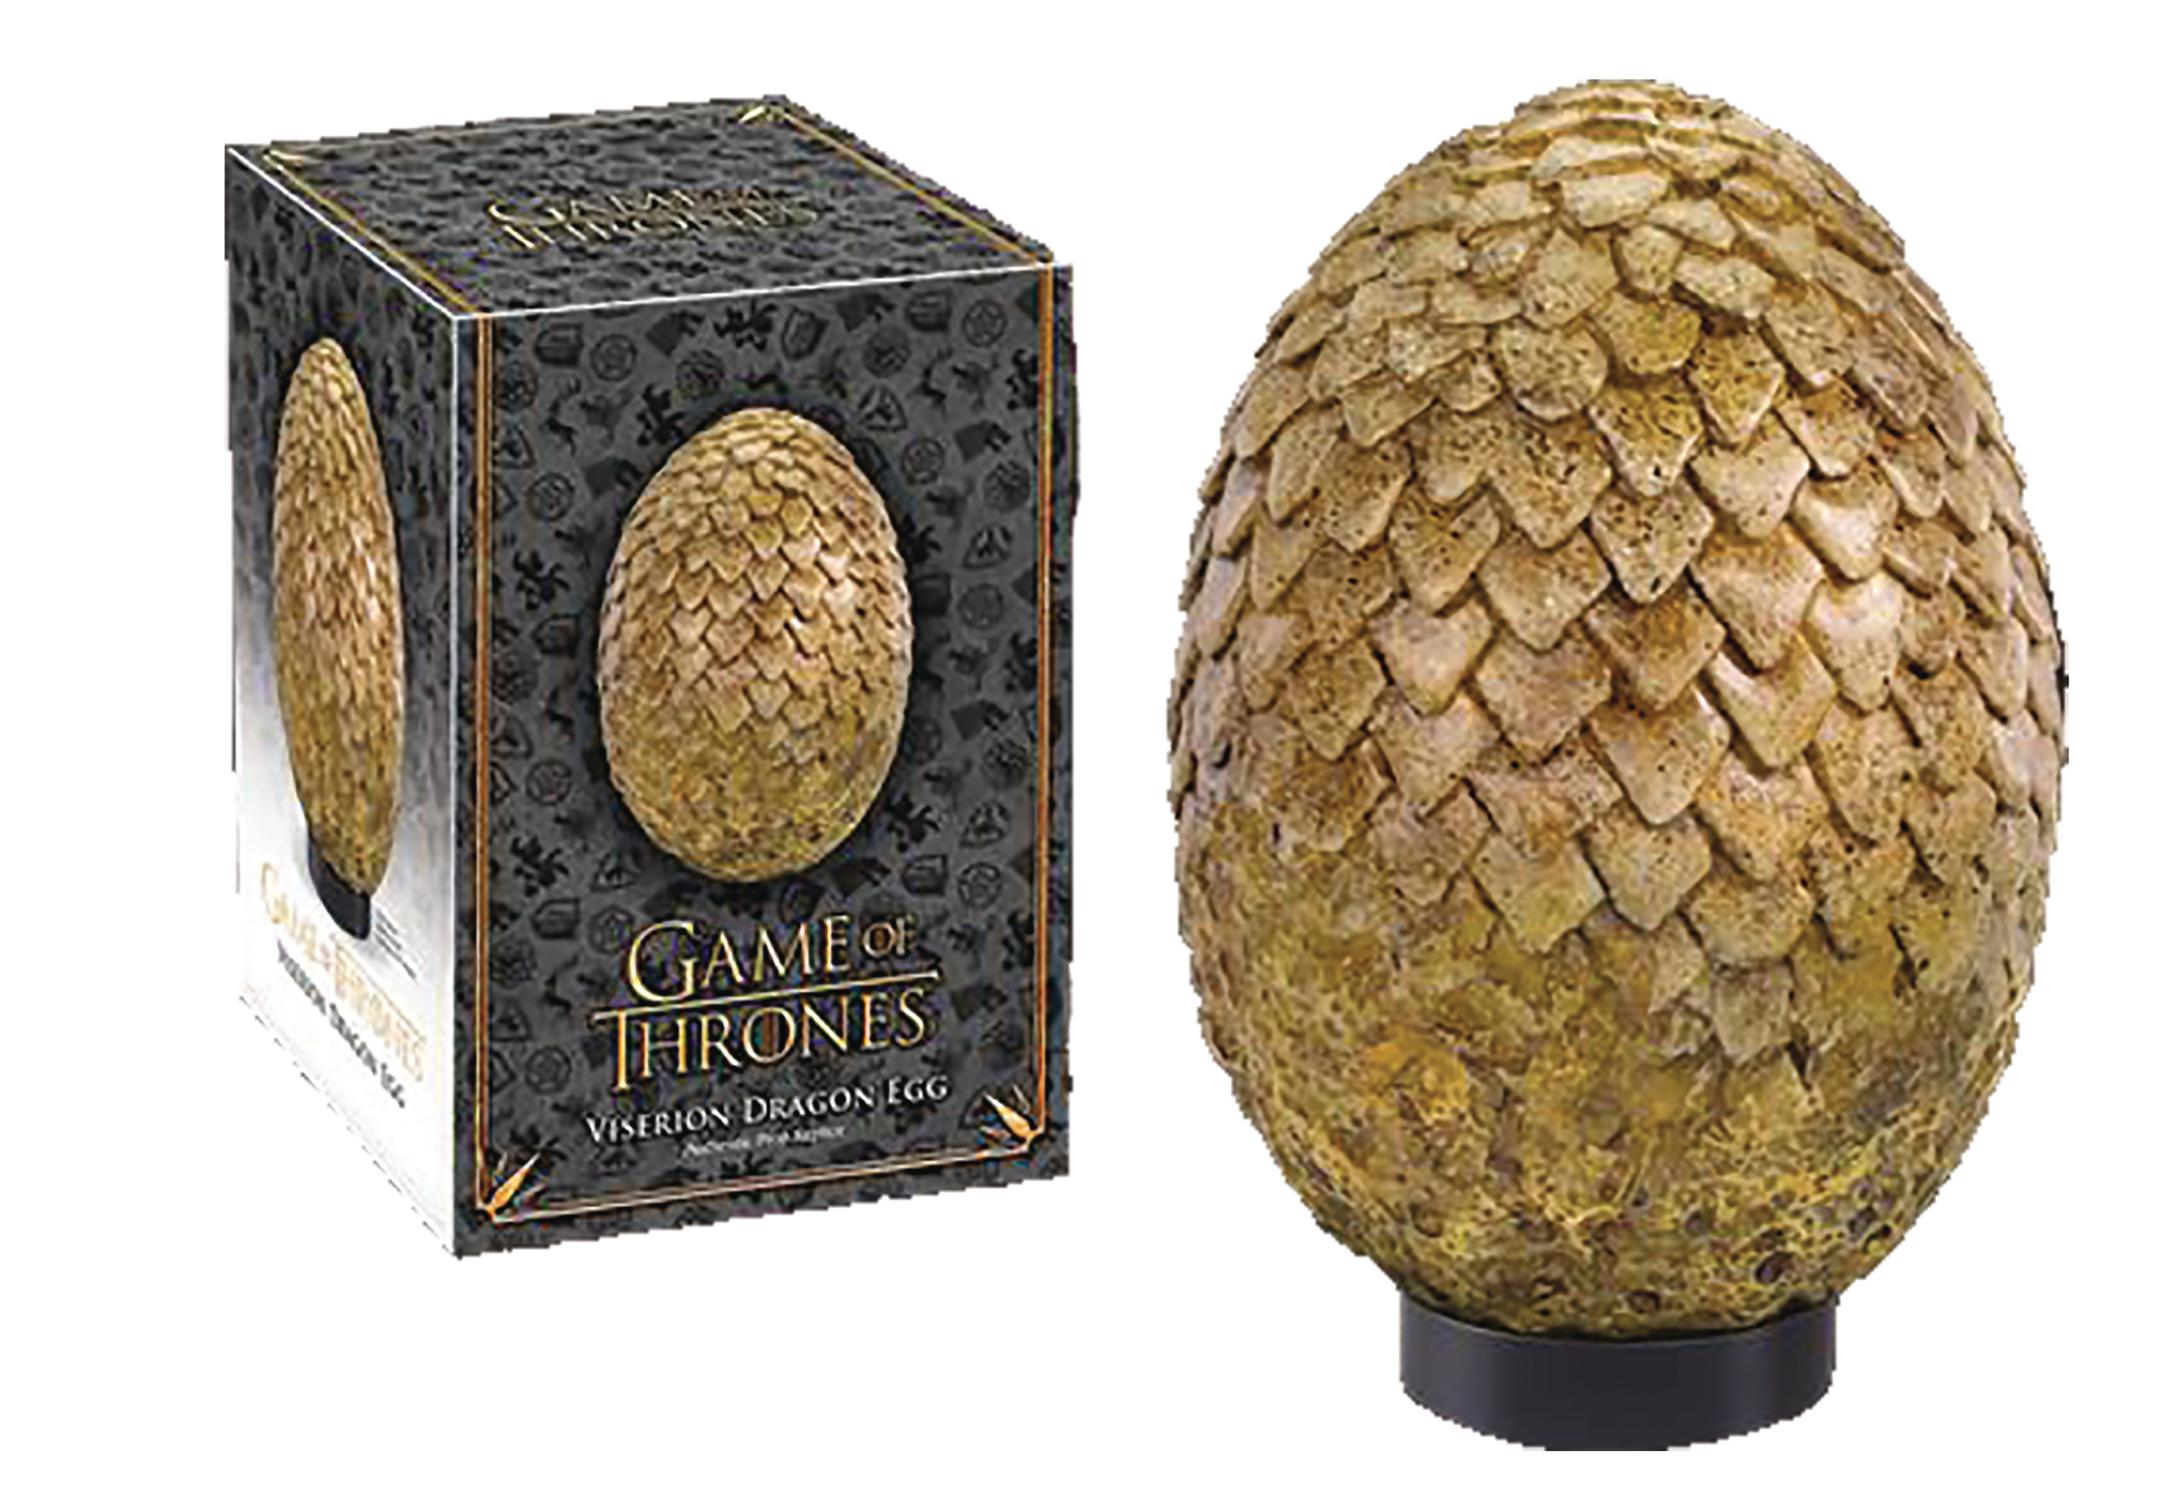 jun173196 game of thrones dragon egg viserion tan. Black Bedroom Furniture Sets. Home Design Ideas